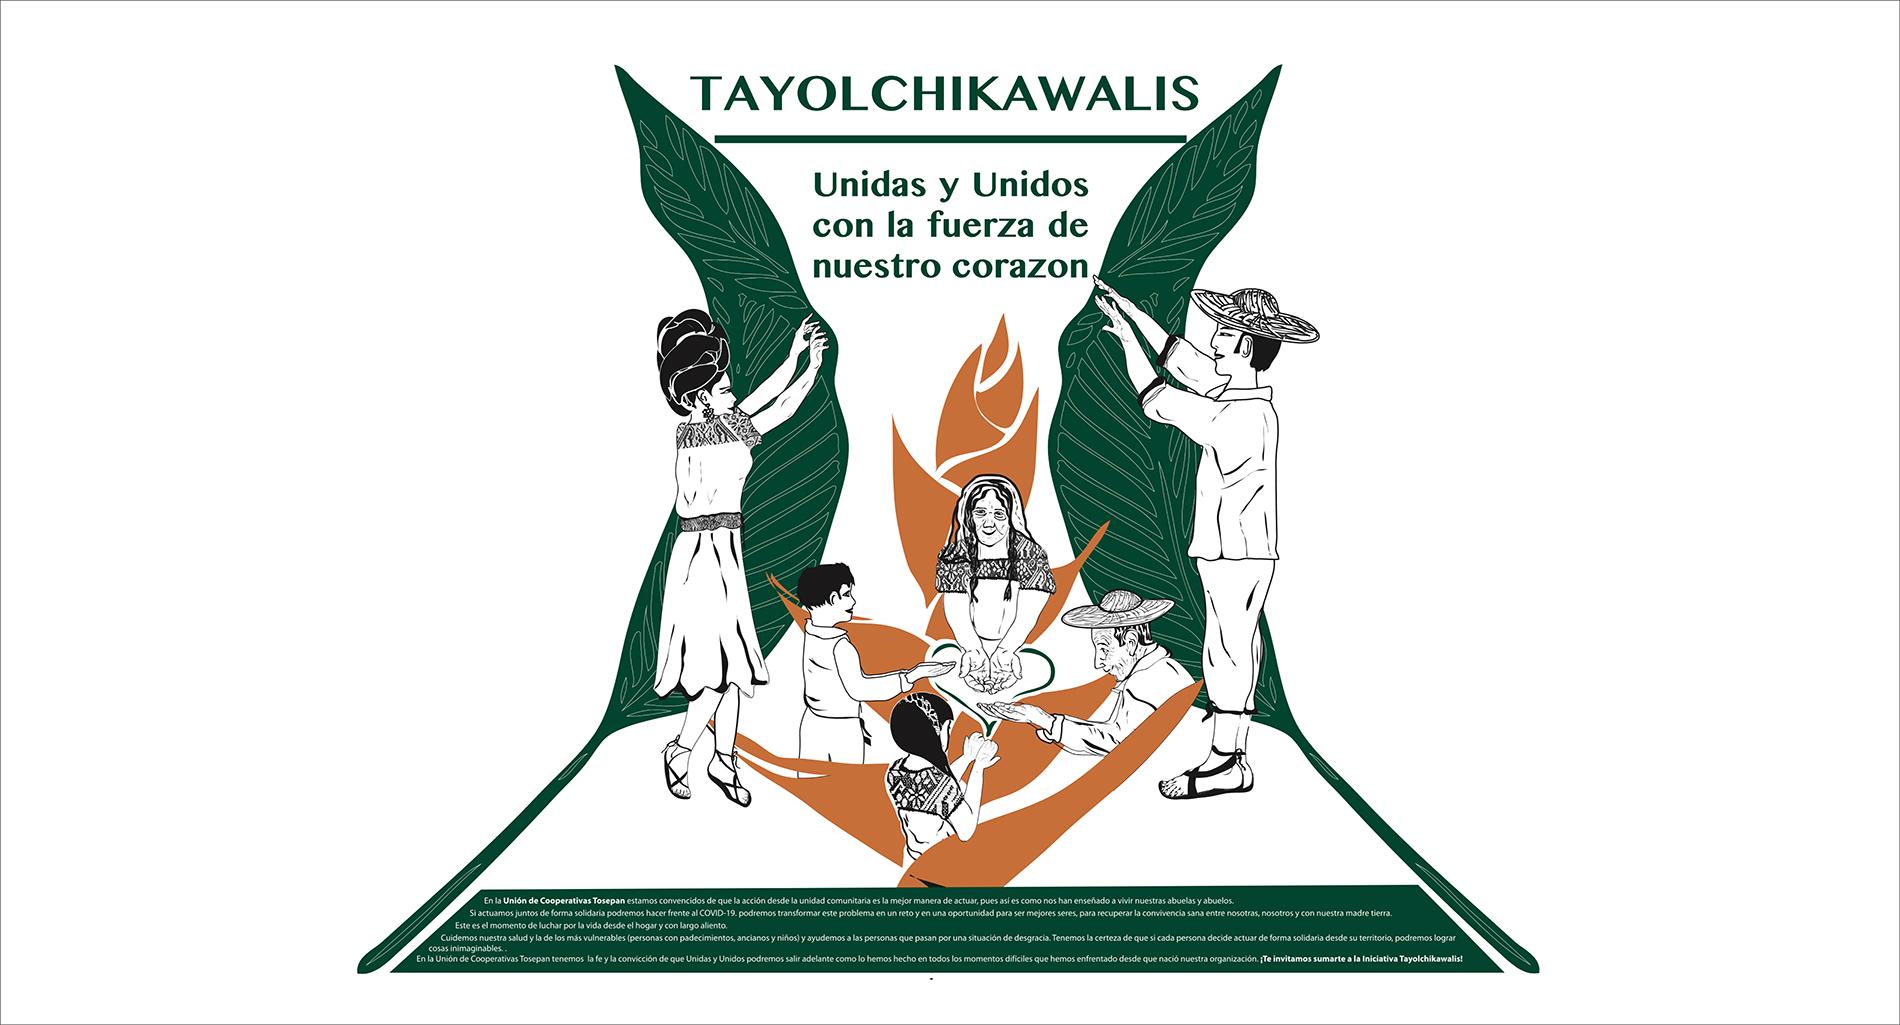 Iniciativa Tayolchikawalis: Estrategia de comunicación y prevención frente al COVID-19 en comunidades Náhuatls de la Sierra Nororiental de Puebla.